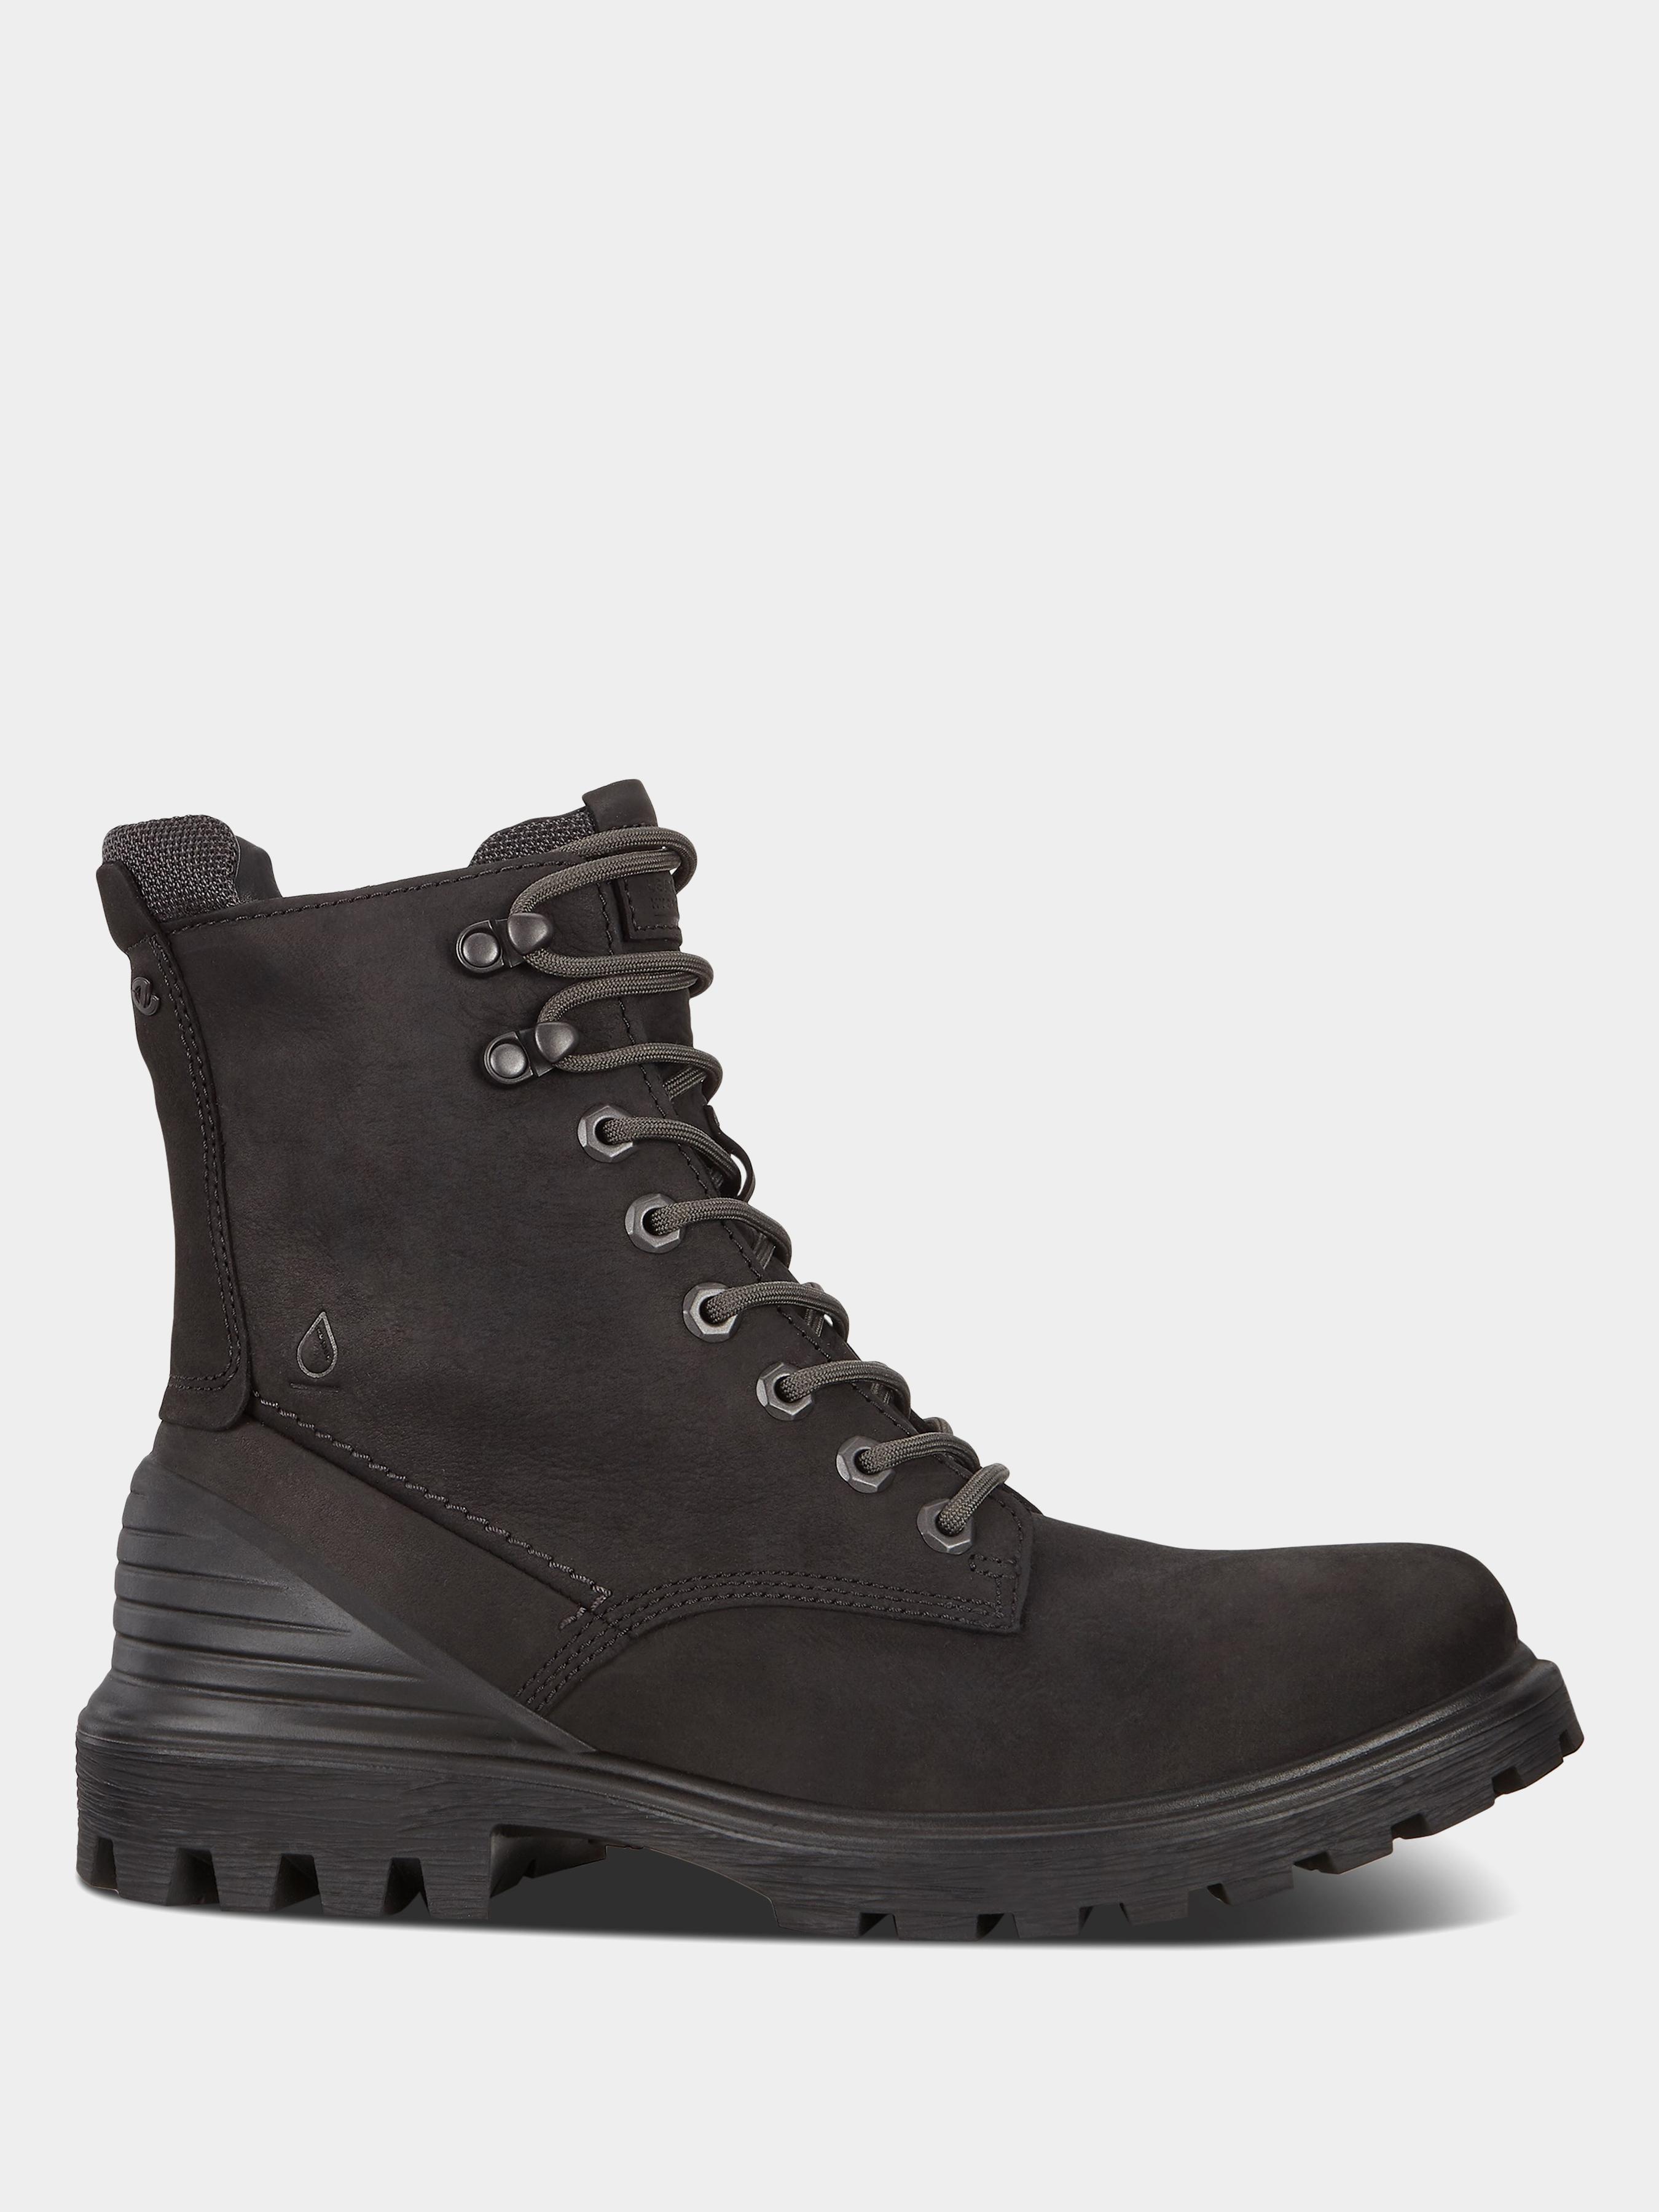 Купить Ботинки мужские ECCO ZM4236, Черный